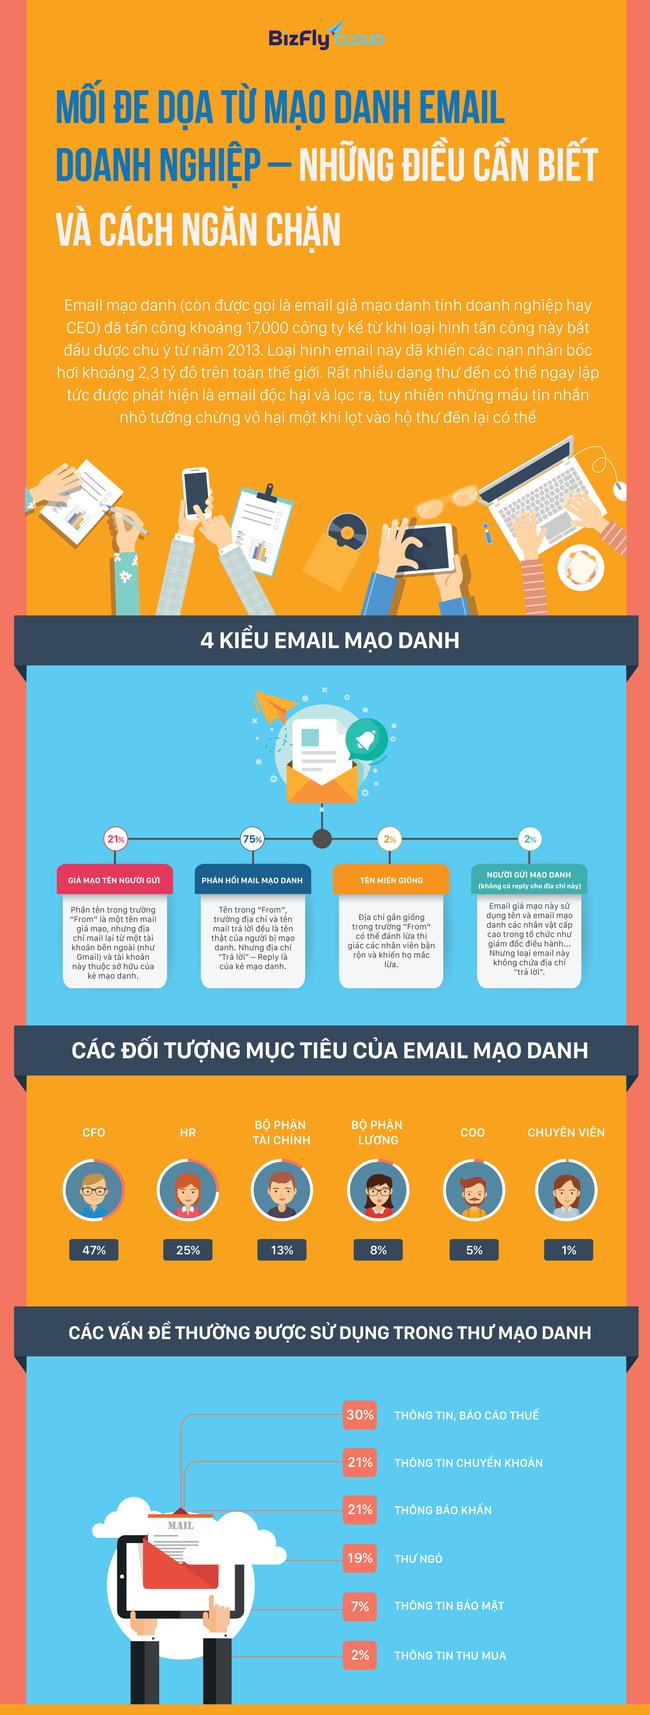 Infographic - Ngăn chặn mối đe dọa từ mạo danh email doanh nghiệp - Ảnh 1.